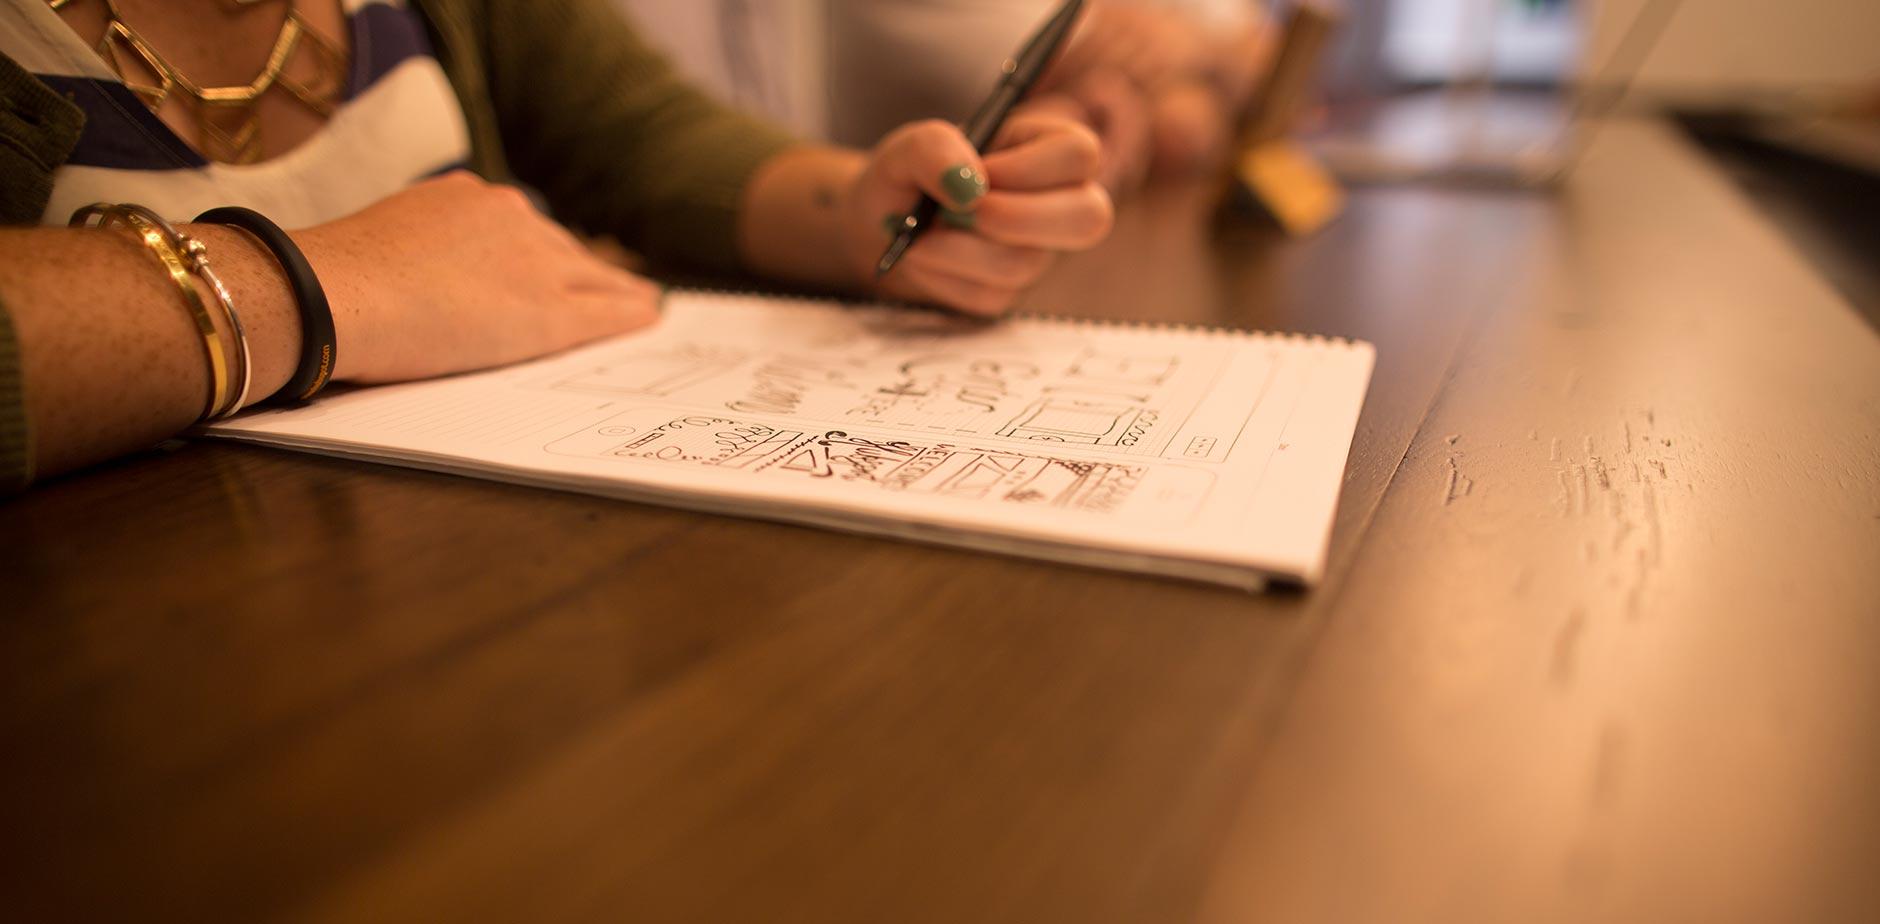 sketchbook-bg.jpg